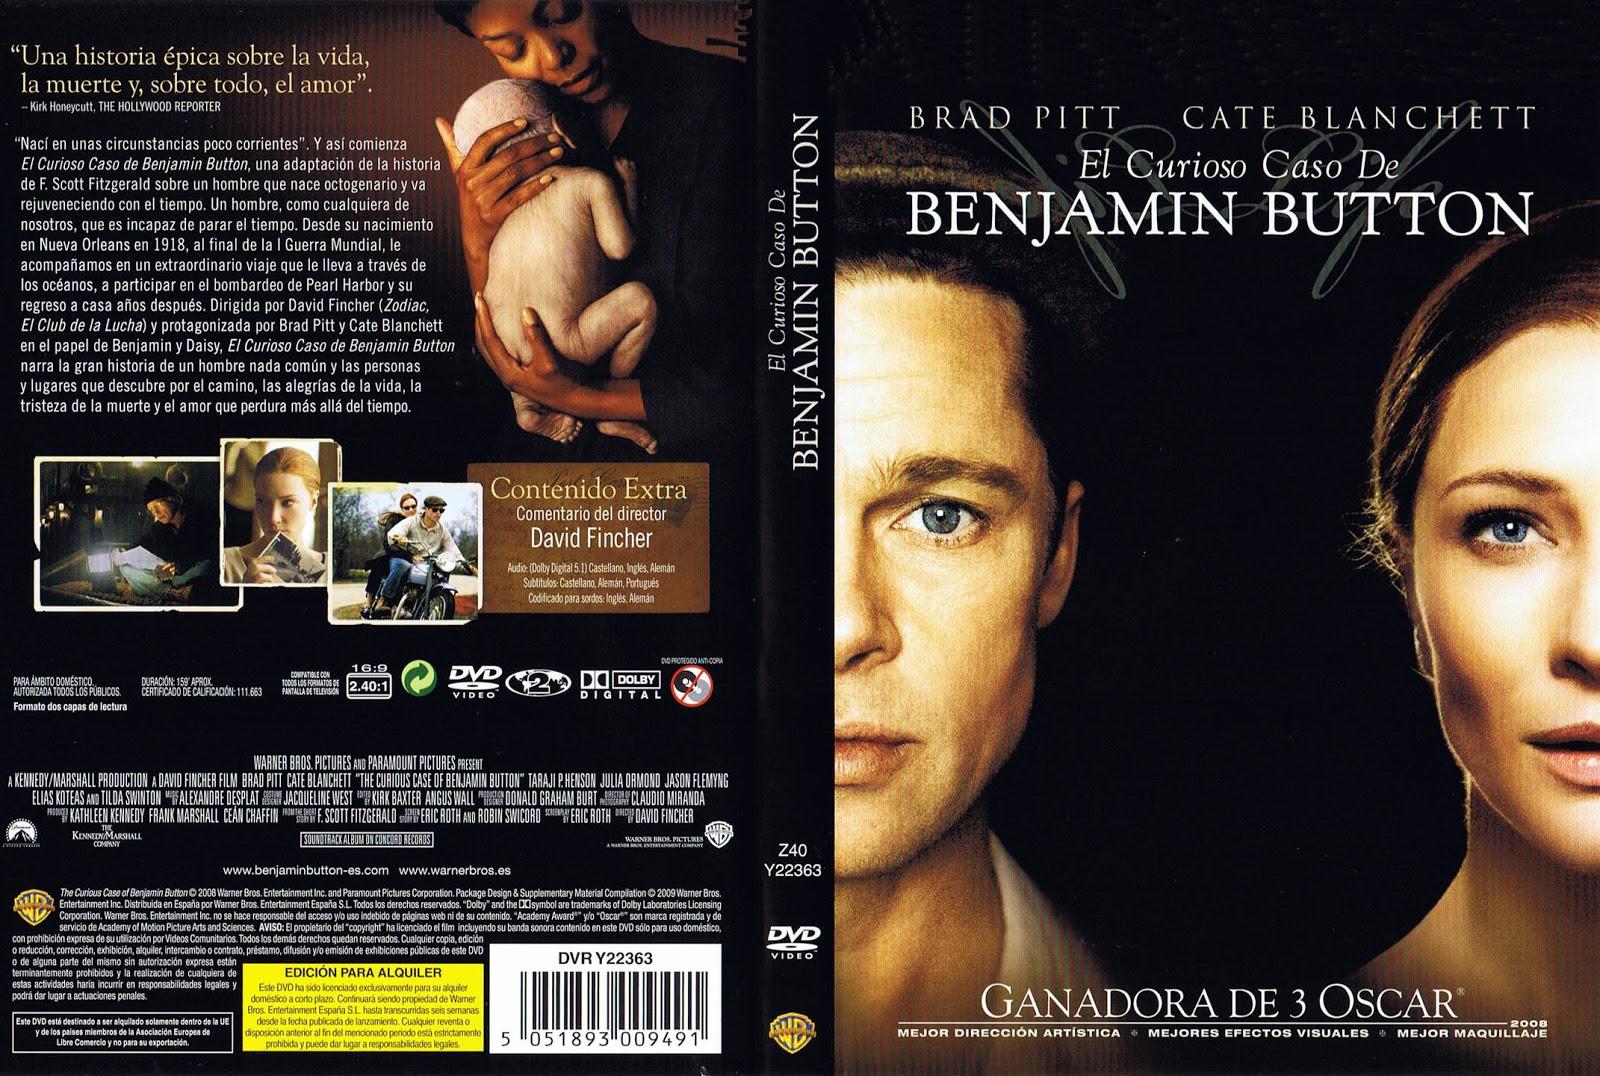 El curioso caso de benjamin button estrenos y mas - Curioso caso de benjamin button ...